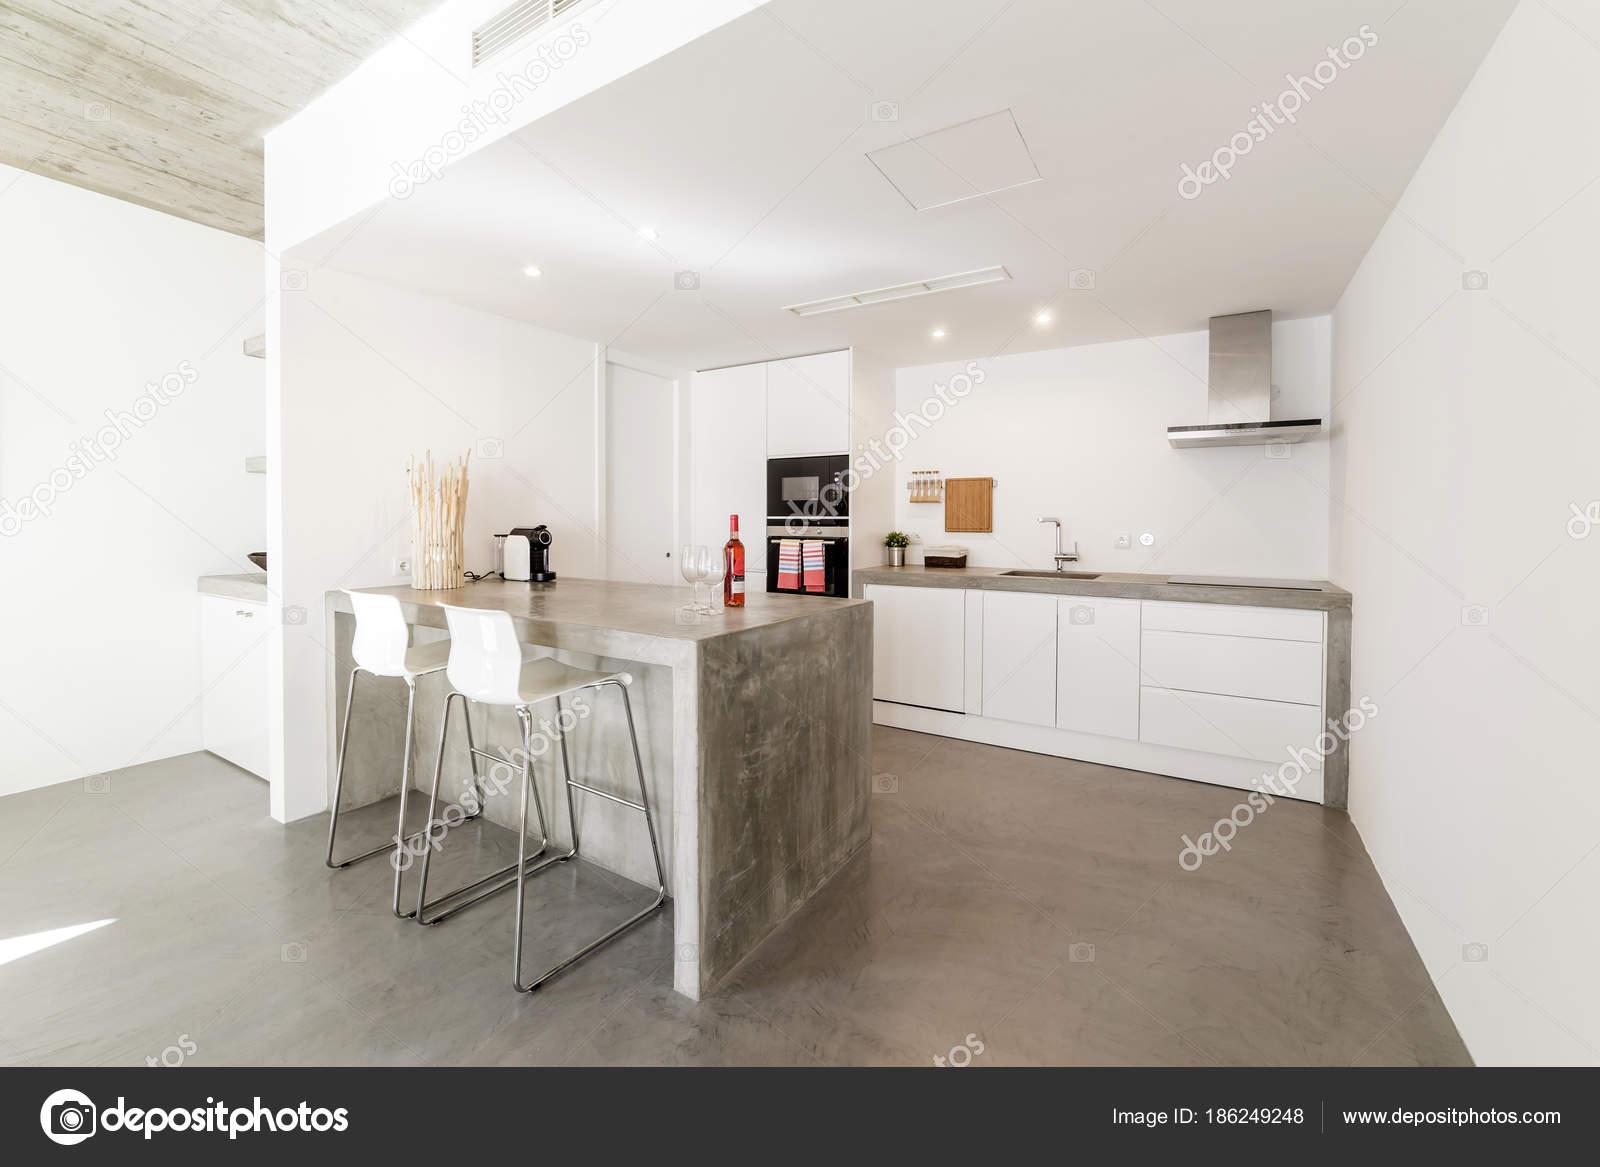 Moderne Keuken Grijs : Moderne keuken met grijze tegelvloer en witte muur u stockfoto